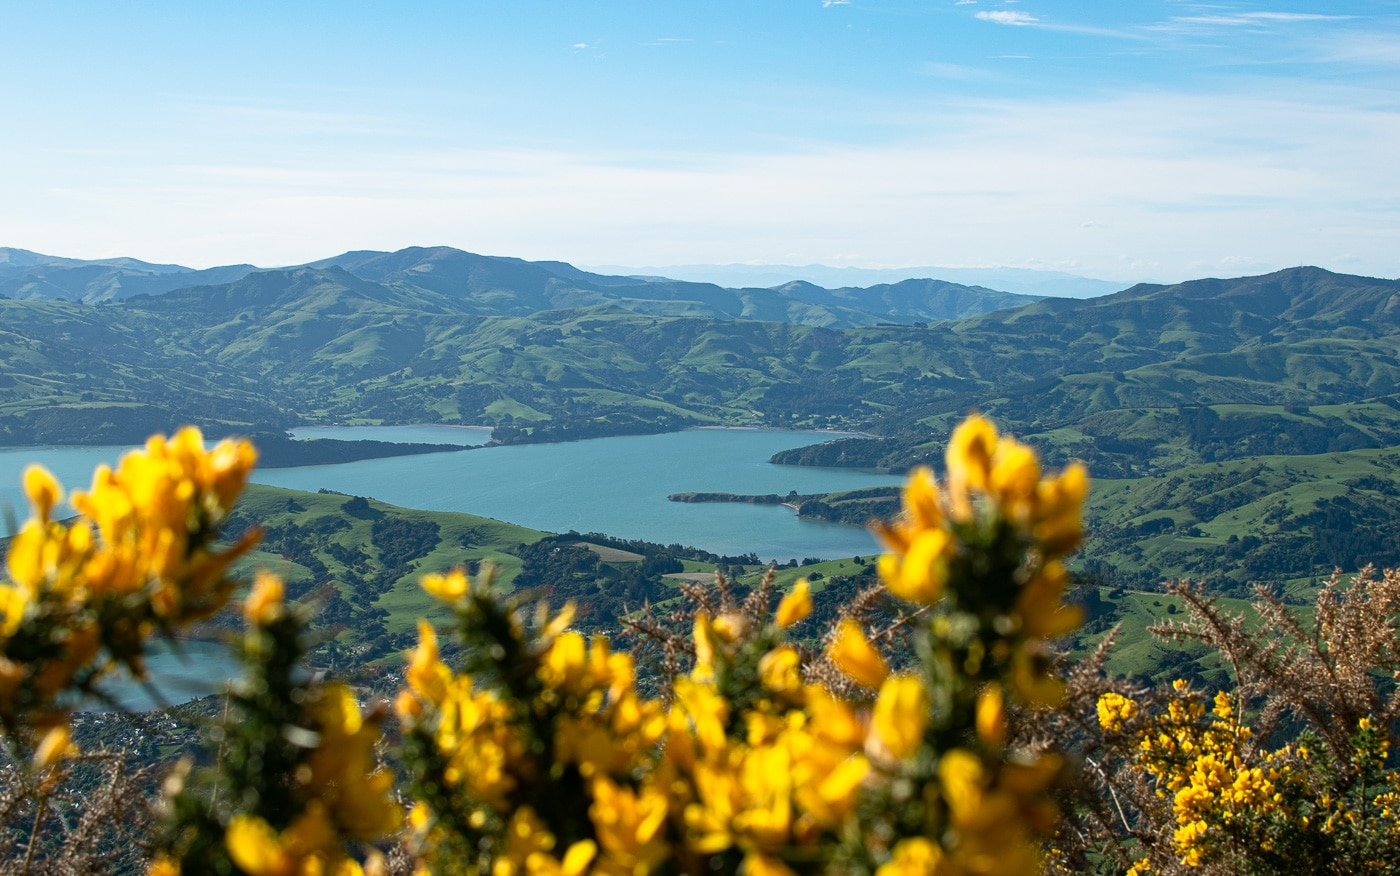 Randonnée à Akaroa en Nouvelle-Zélande panorama splendide